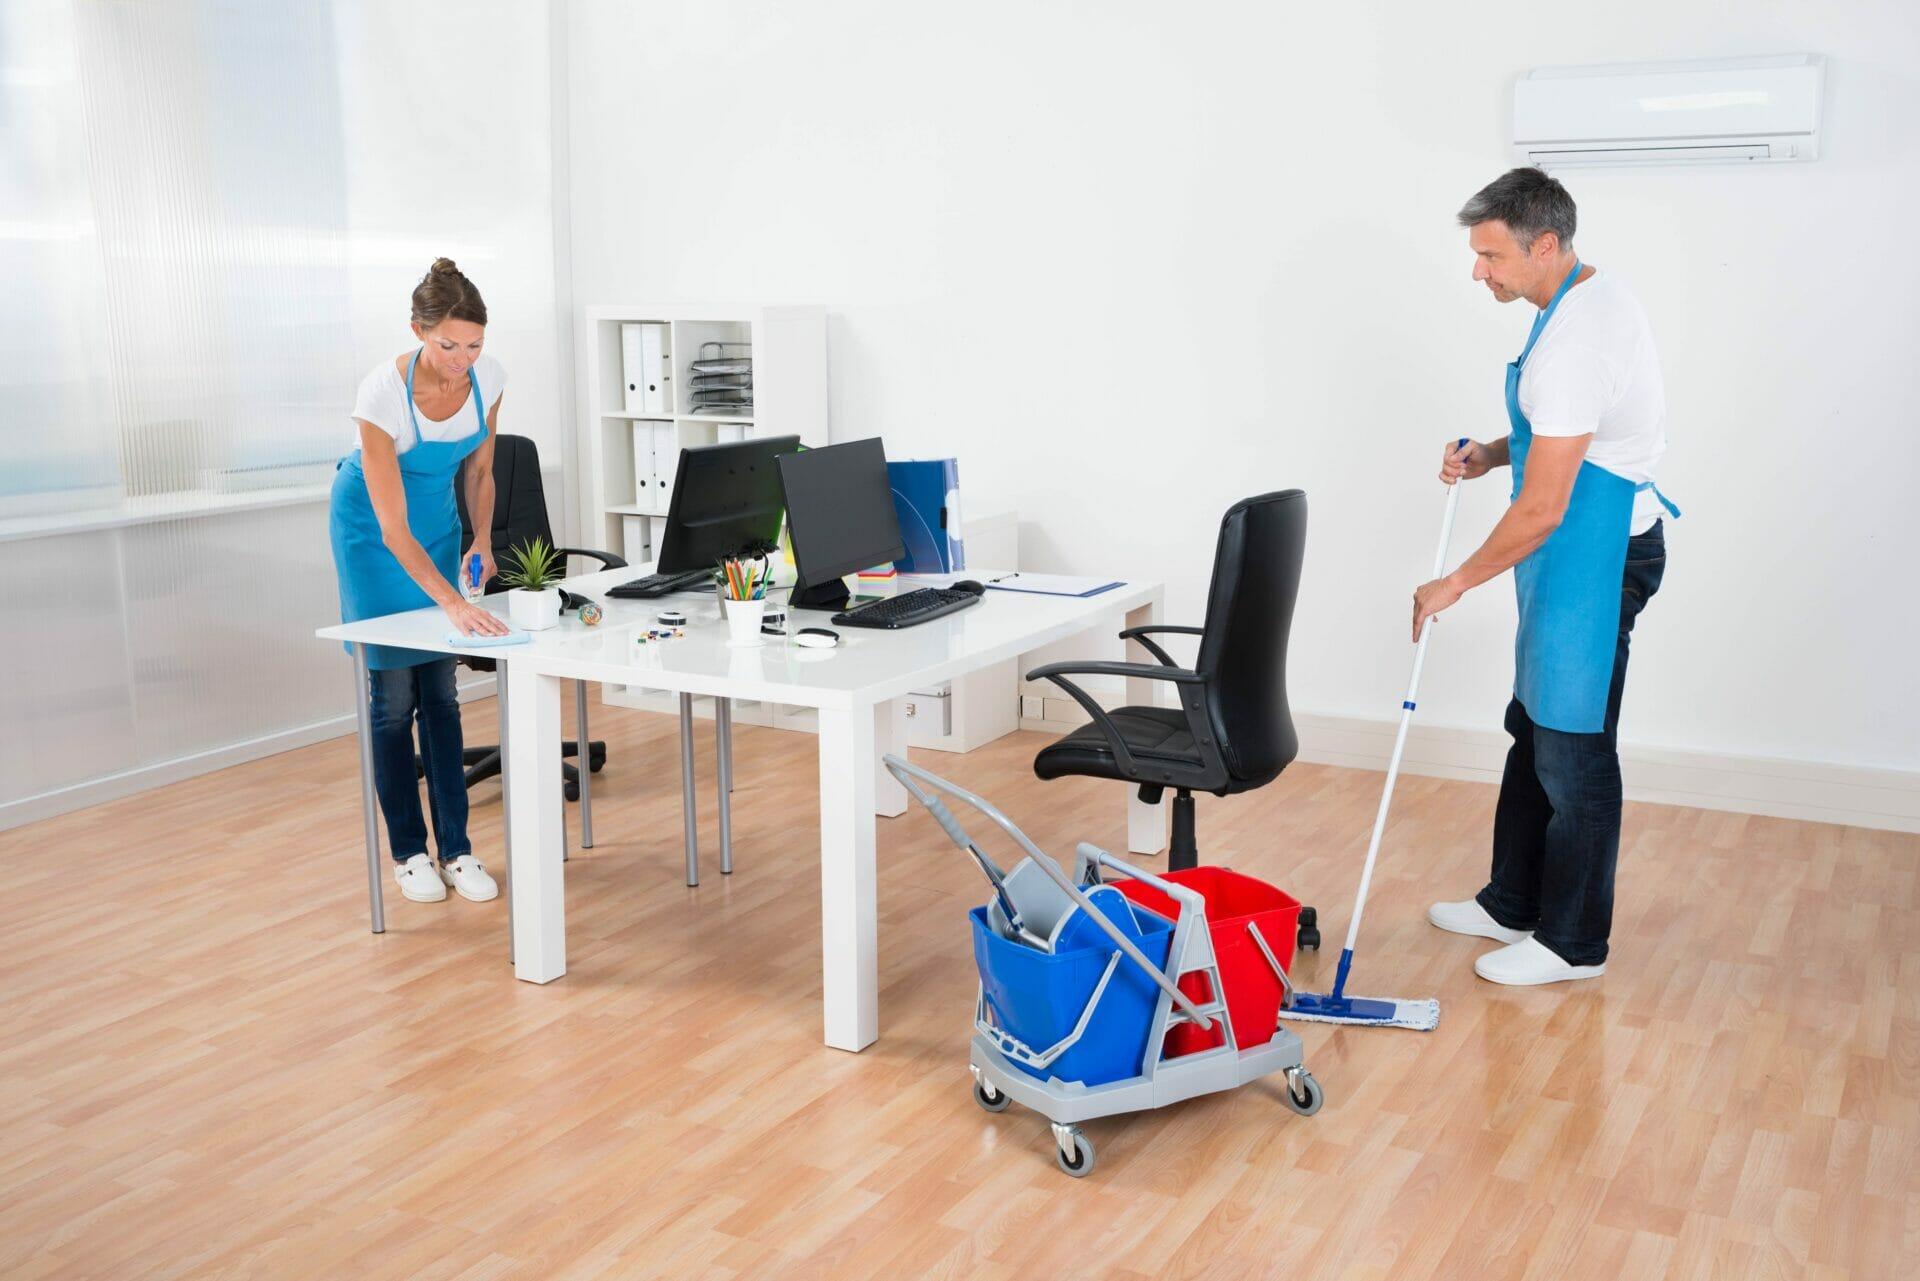 Gebäudereiniger mit Equipment reinigen ein Büro